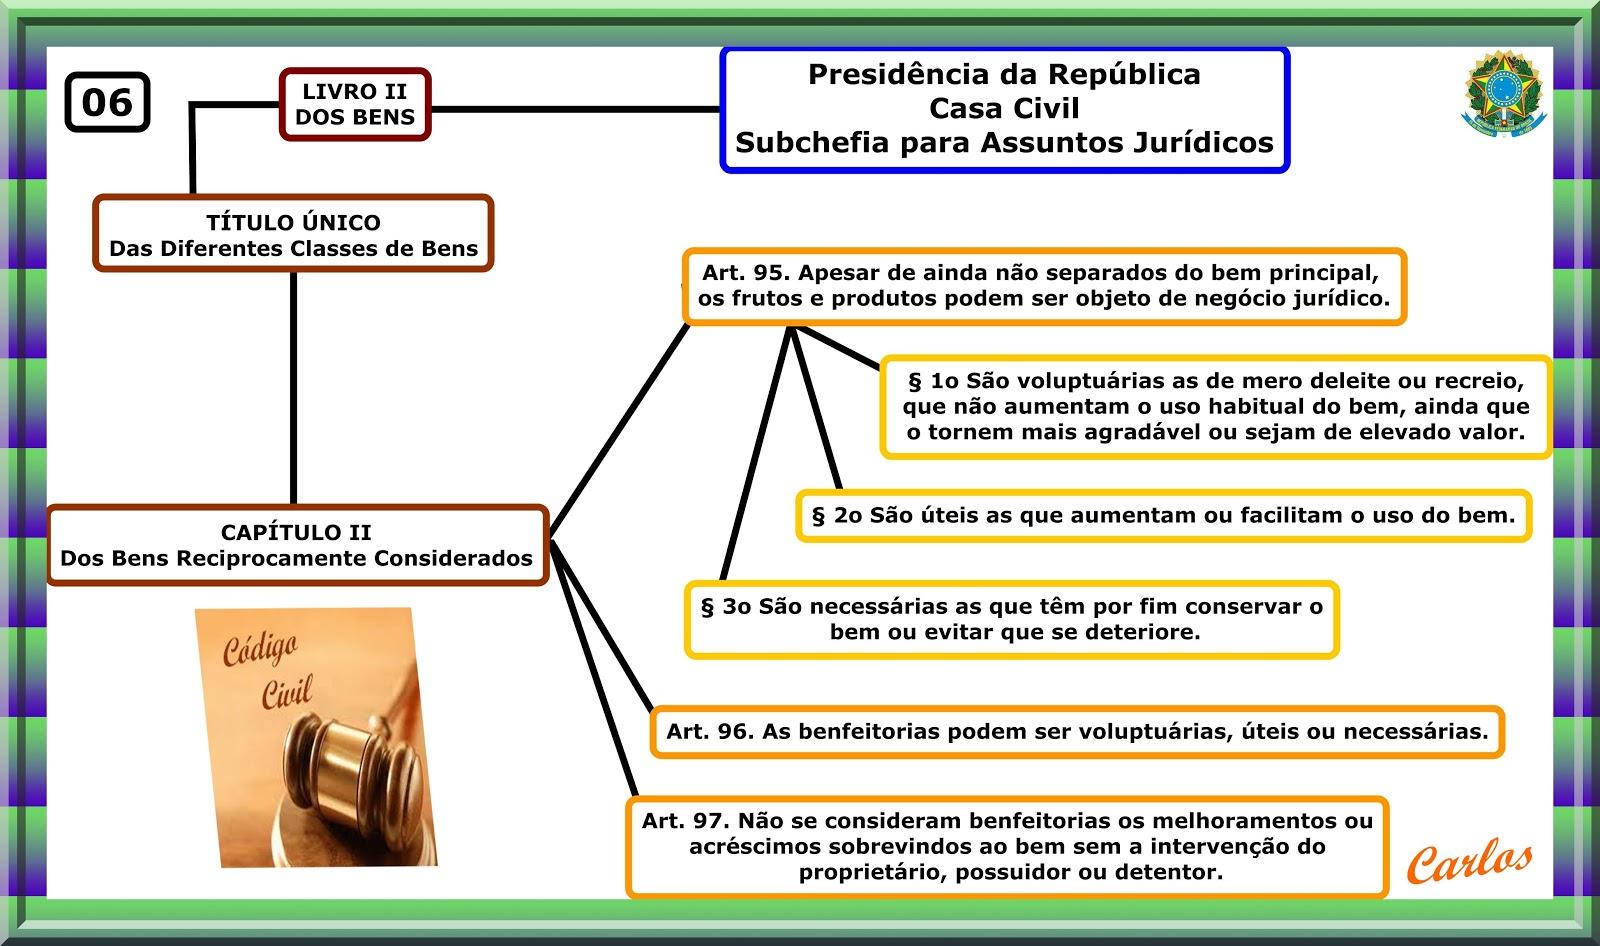 Artigo 12 do codigo civil